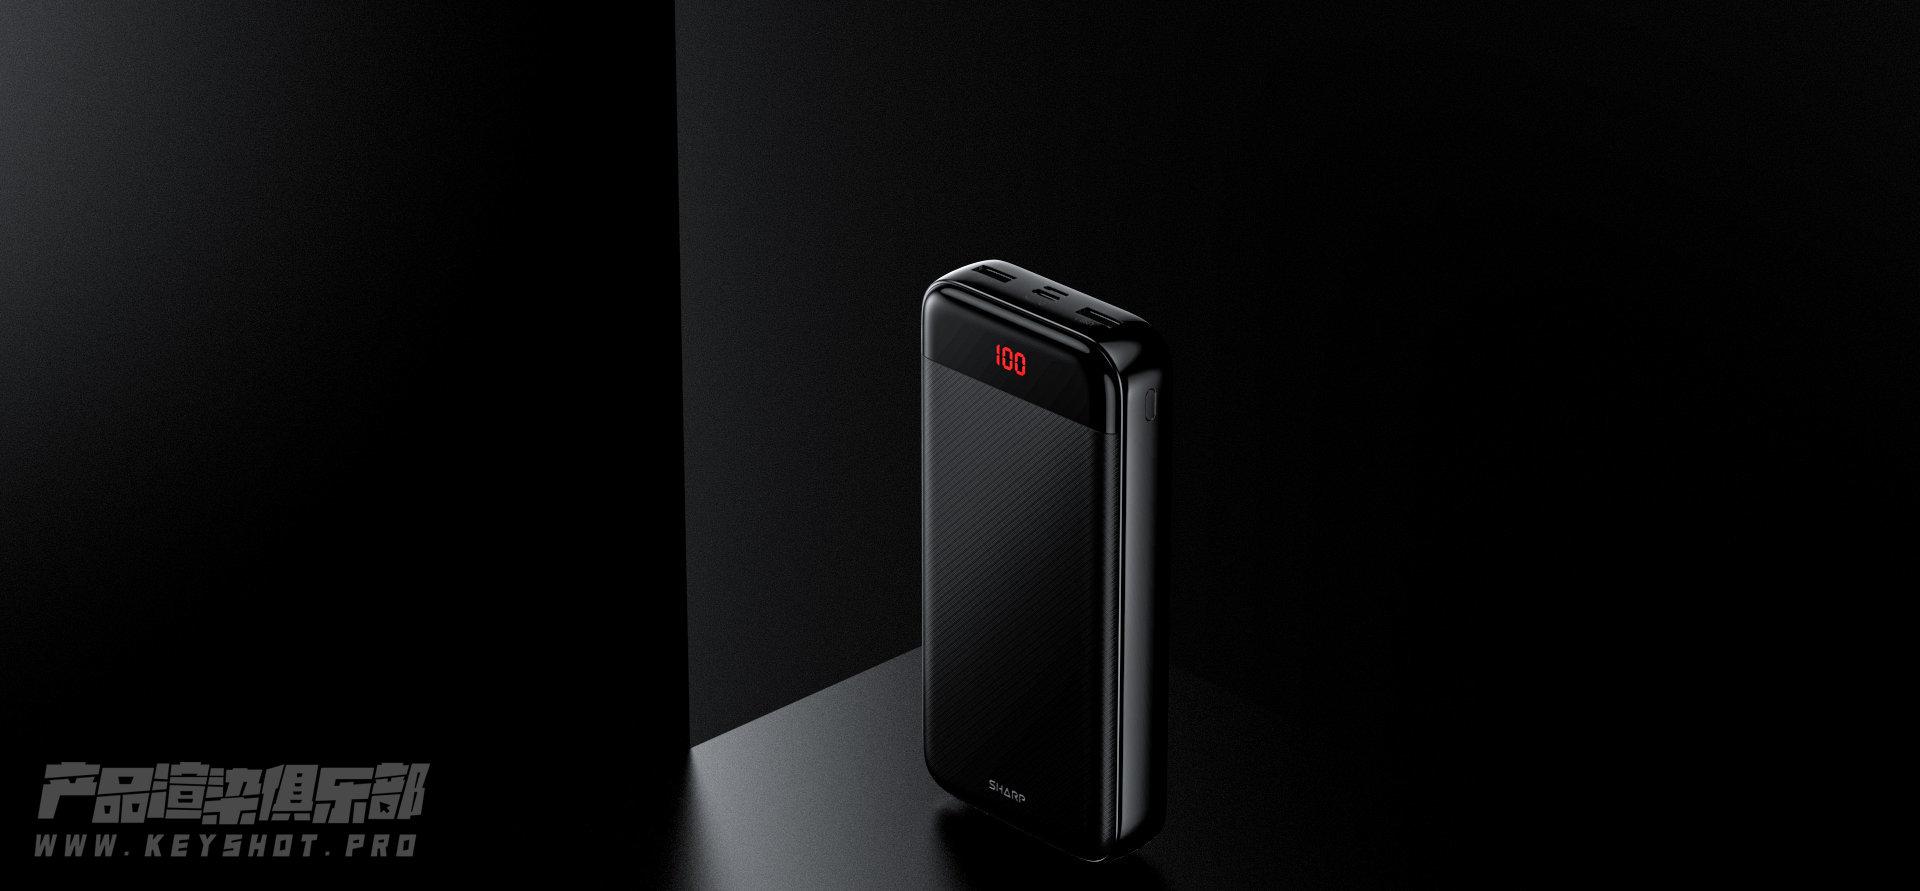 【黑色移动电源】产品渲染